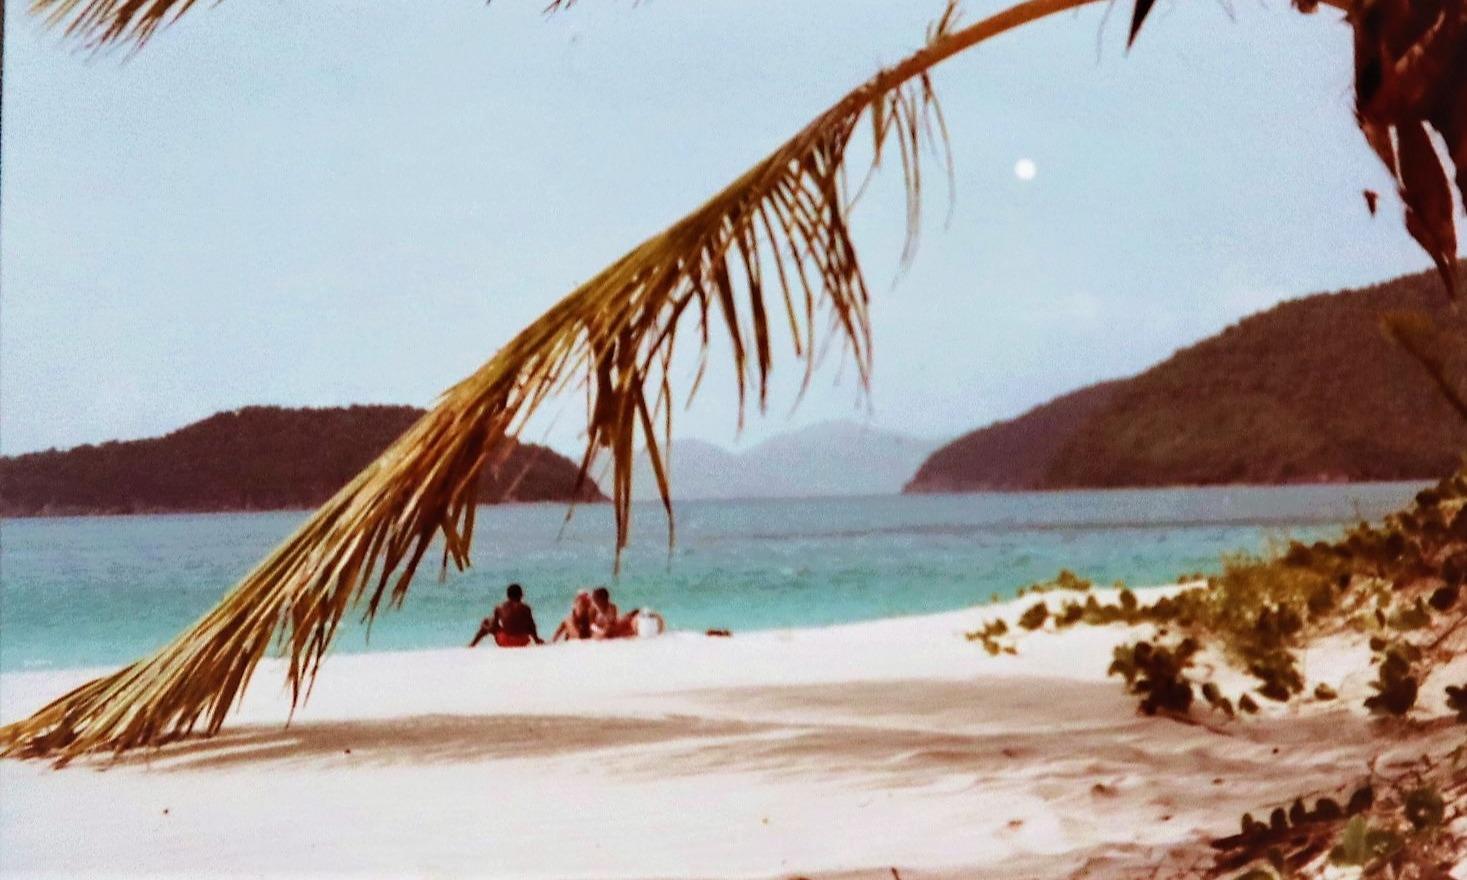 Karibik Feeling | story.one